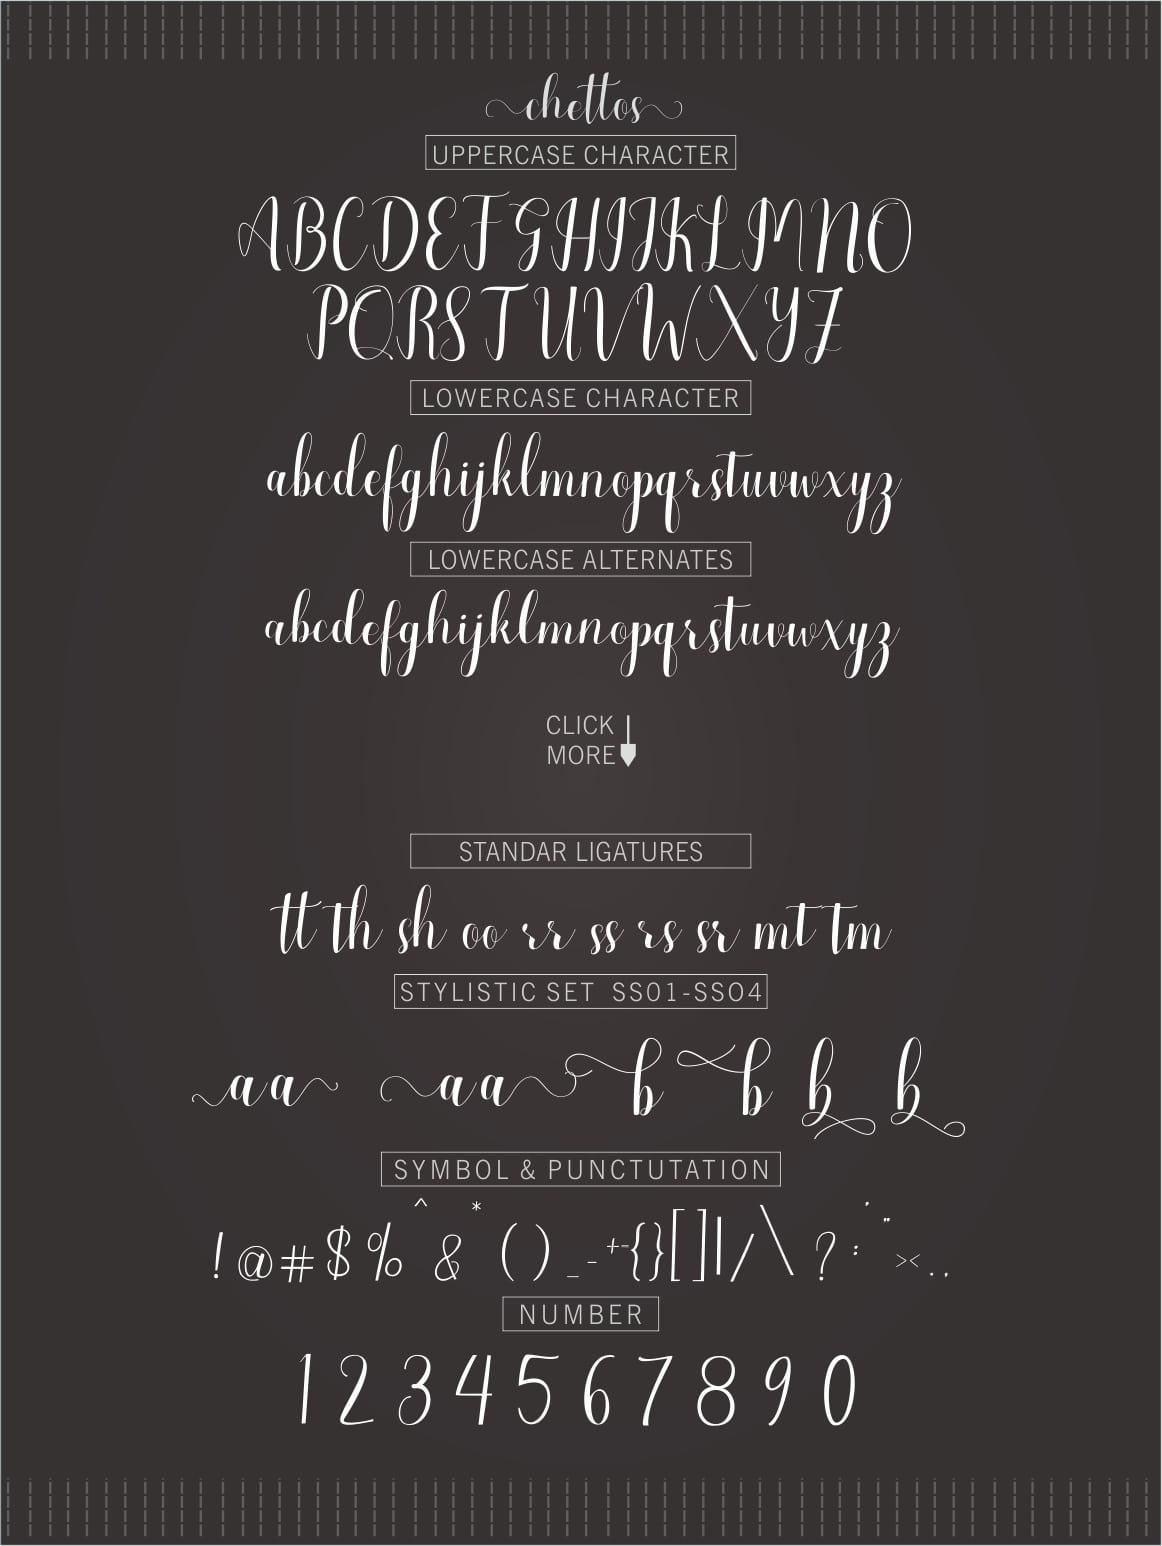 16 Handwritten Fonts - $15 ONLY - 5 min 2